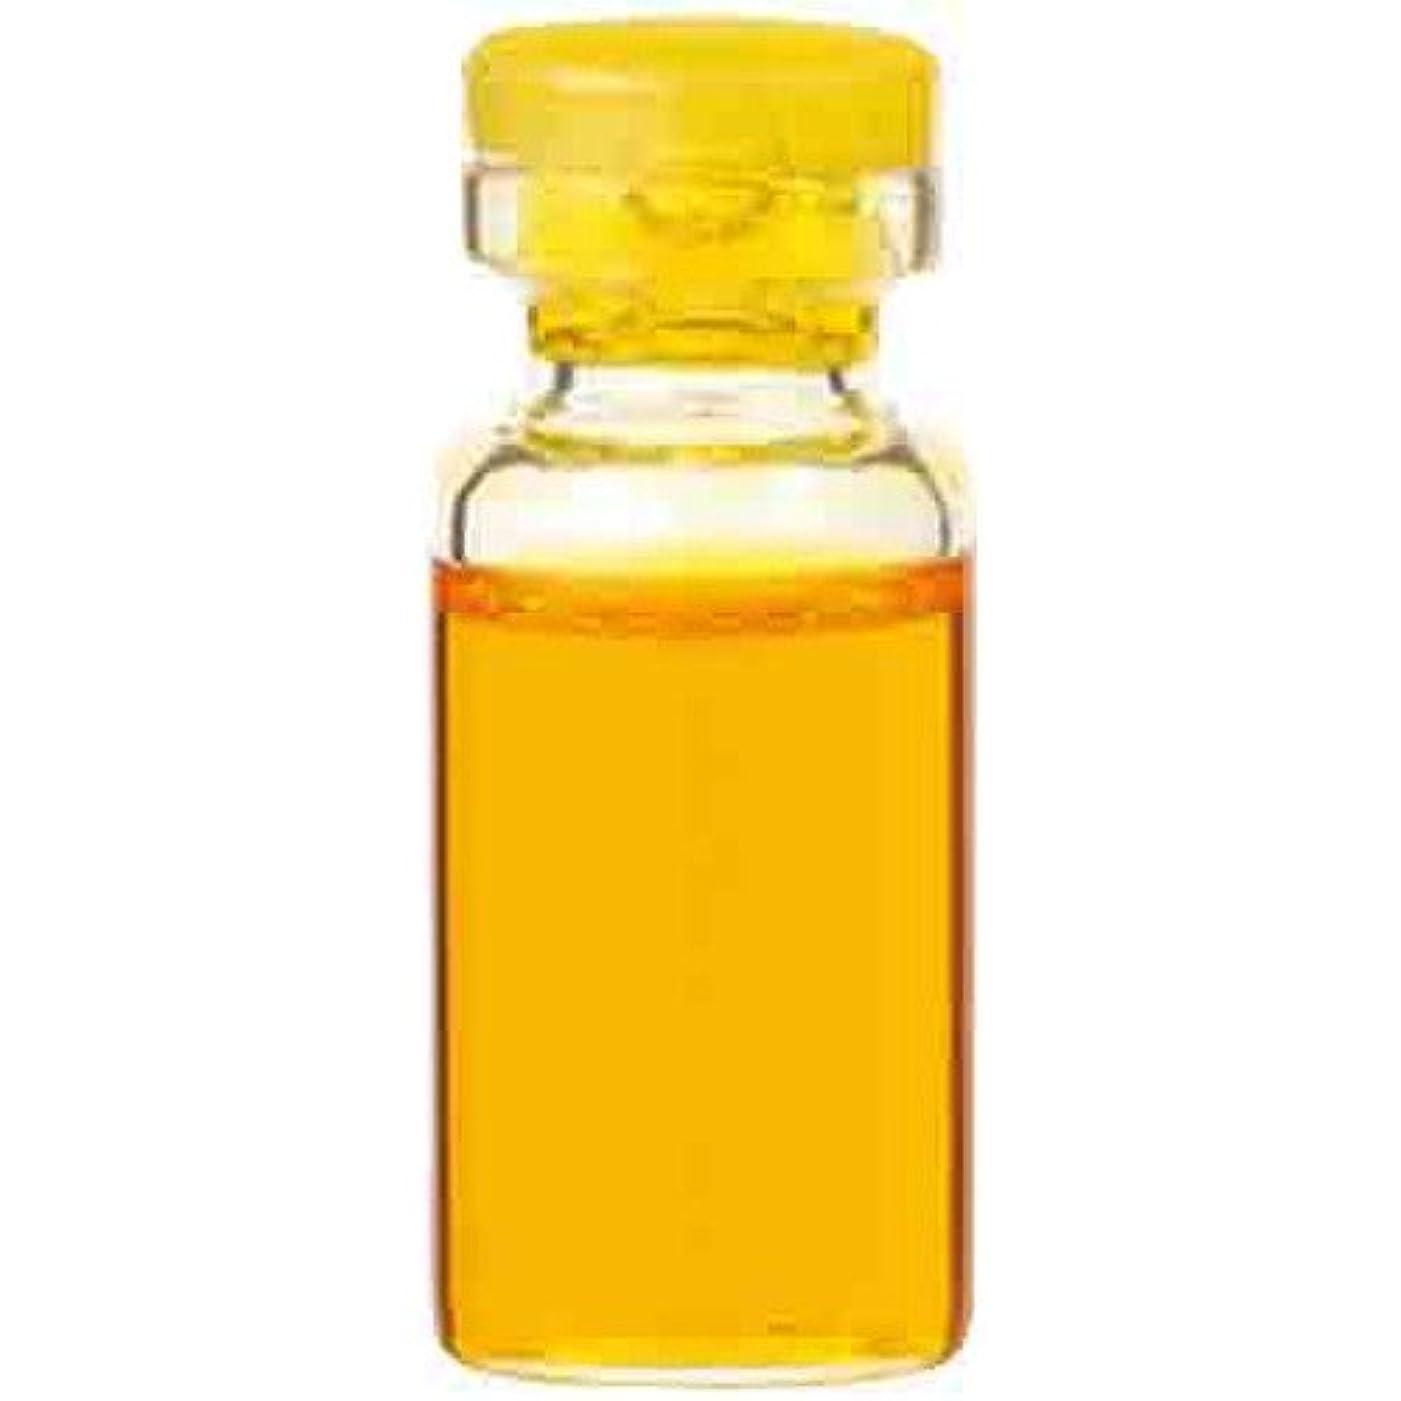 社会たらいベジタリアン生活の木 Herbal Life Organic オレンジスイート 10ml